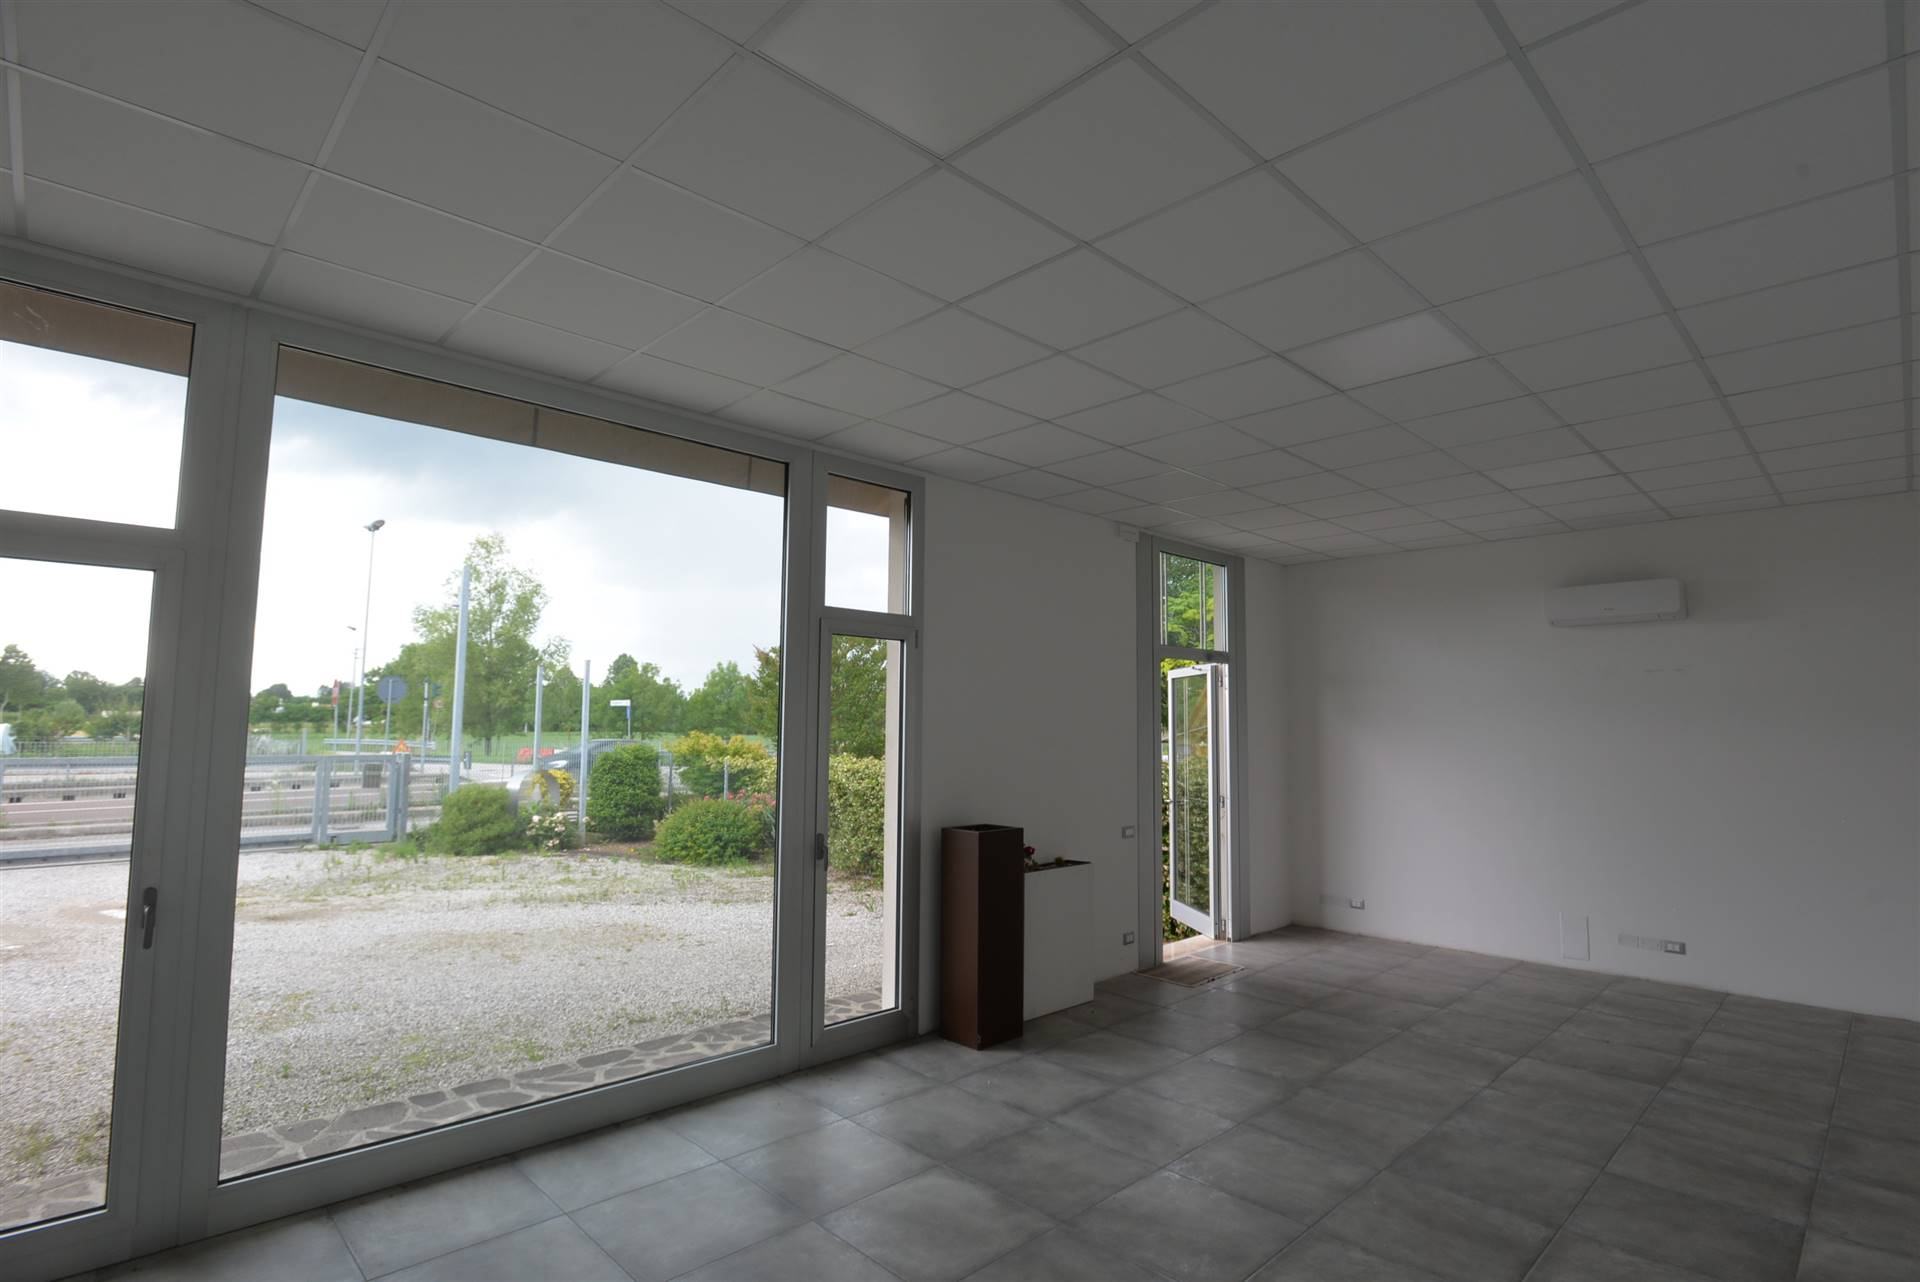 Salzano, zona industriale Robegano, libero ufficio-negozio di 70 mq, al piano terra con ampia vetrina, grande parcheggio privato, con accessori. Il